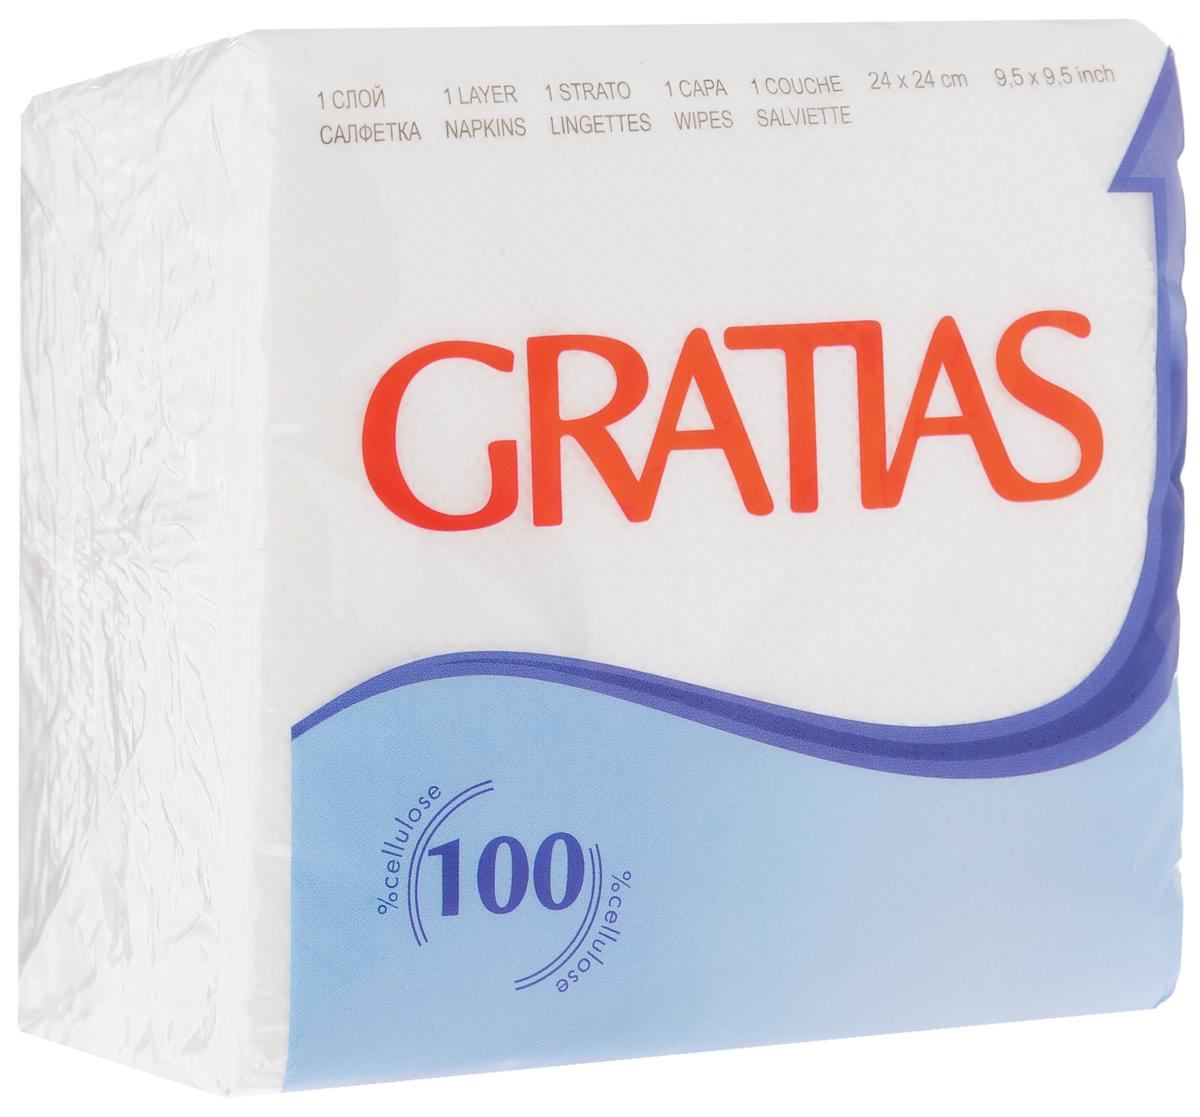 Салфетки бумажные Gratias, однослойные, 24 х 24 см, 90 шт91387Однослойные бумажные салфетки Gratias, выполненные из 100% первичного волокна, станут отличным дополнением любого праздничного стола. Они отличаются необычной мягкостью и прочностью. Размер листа: 24 х 24 см. Количество слоев: 1.